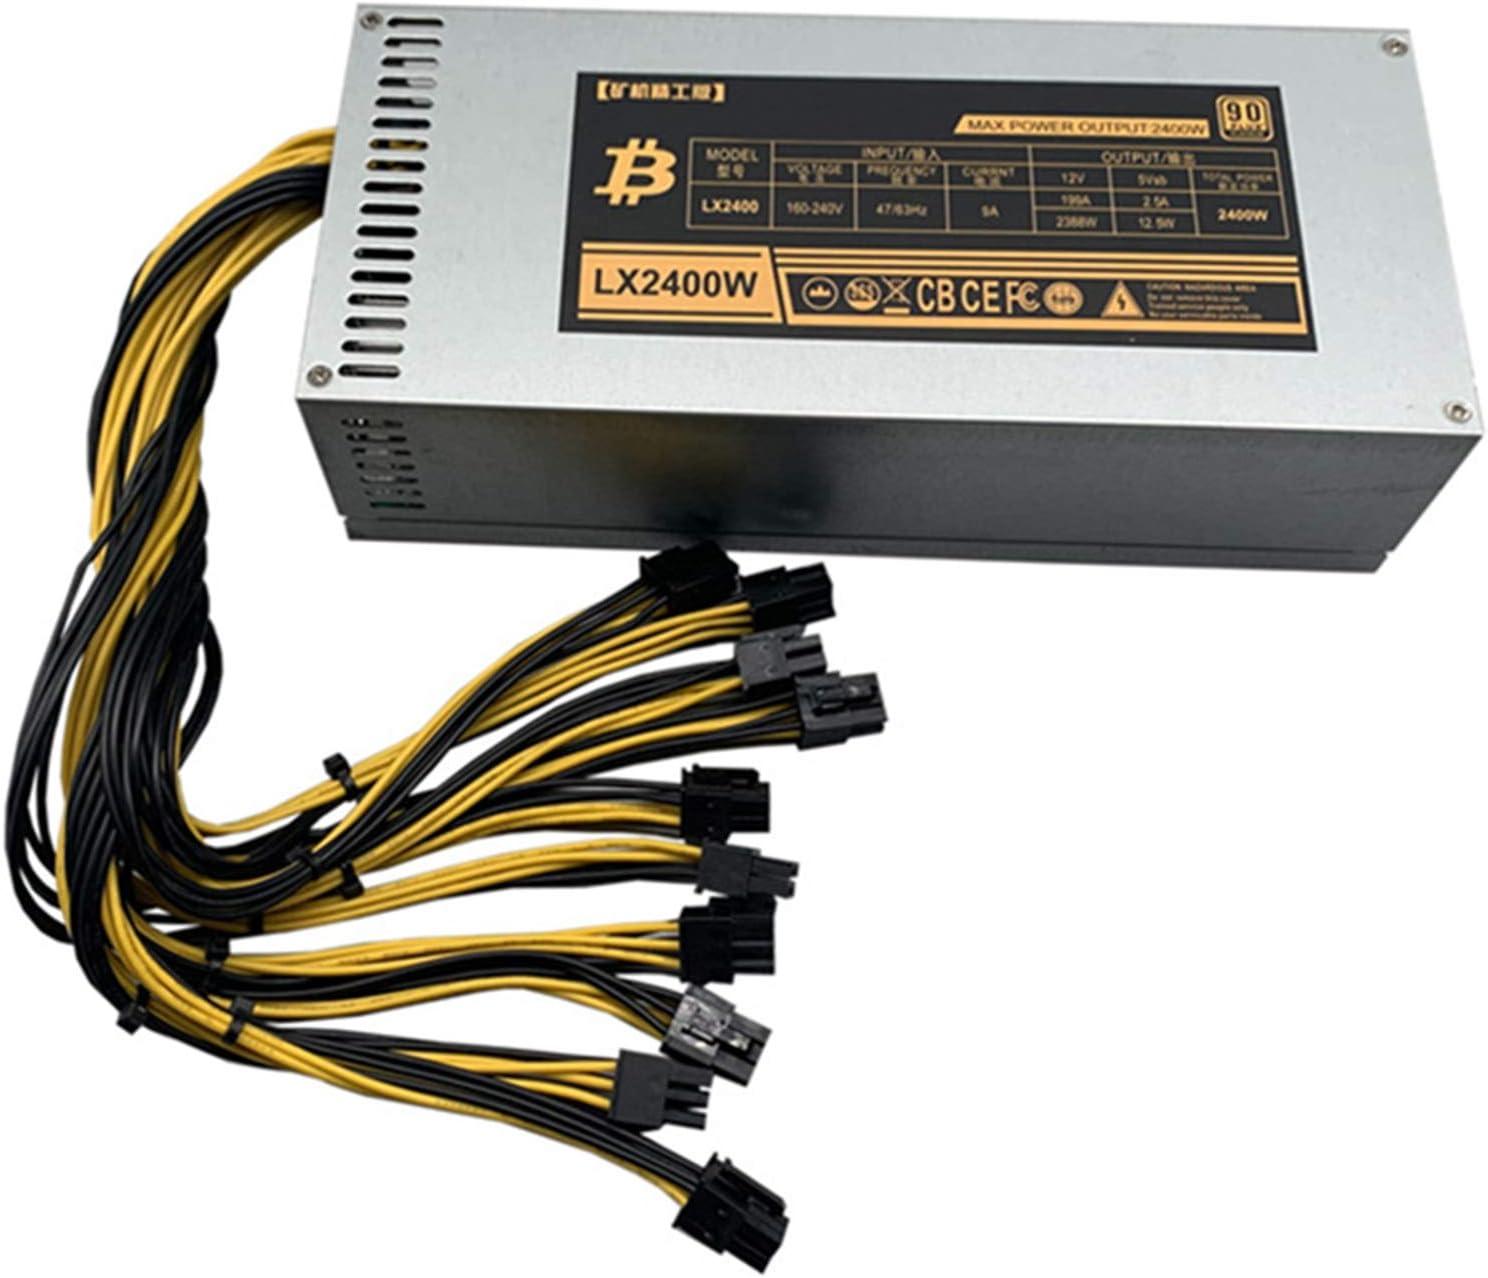 Espeedy Fuente de alimentación ATX 1600W,1600W Bitcoin Mining Machine ATX Fuente de alimentación para BTC Eth Antminer S7 S9 D3 R4 Nuevo